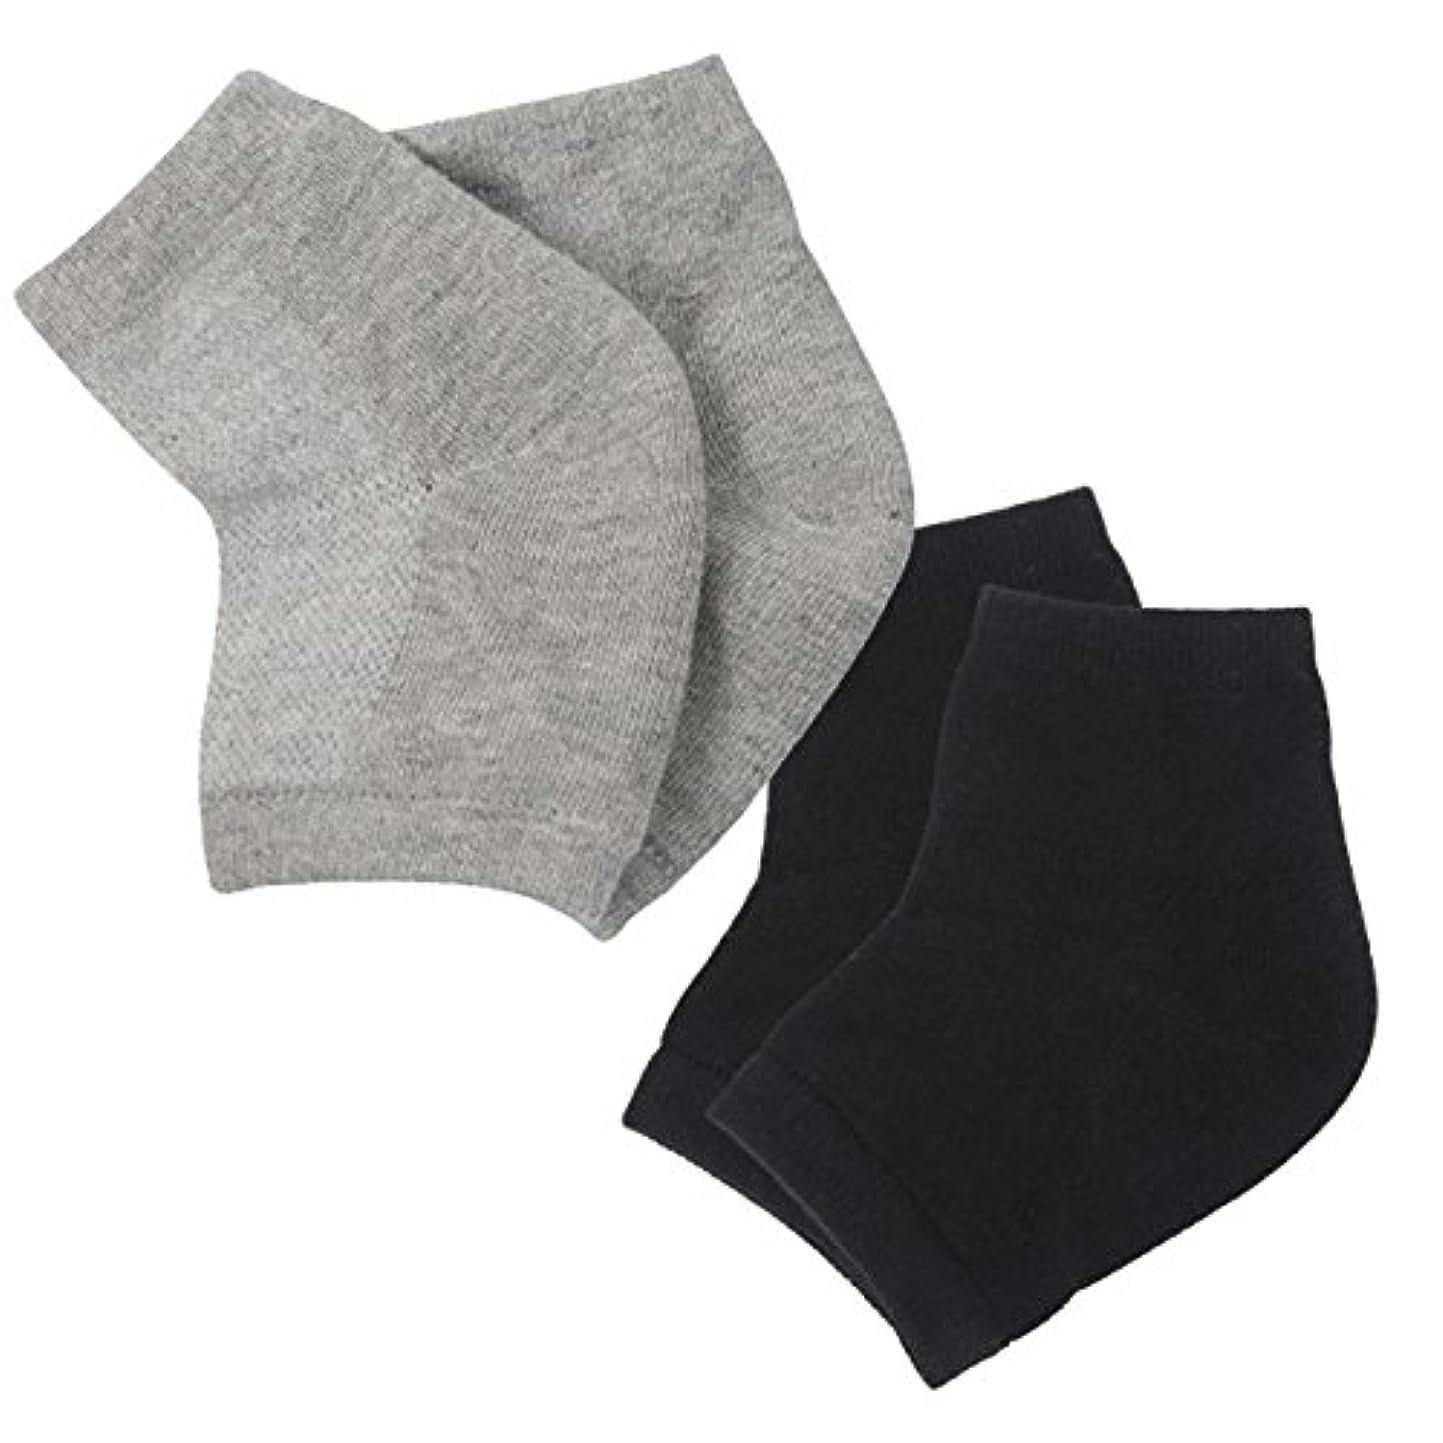 等価早めるかどうか(アクアランド) AQUALAND かかと 保湿ソックス ツルツル 乾燥 カサカサ 履くだけ 簡単 洗える シリコン 指だし 削らない 塗らない 寝ている間に 男女兼用 サイズフリー 2足組セット (ブラック+グレー)